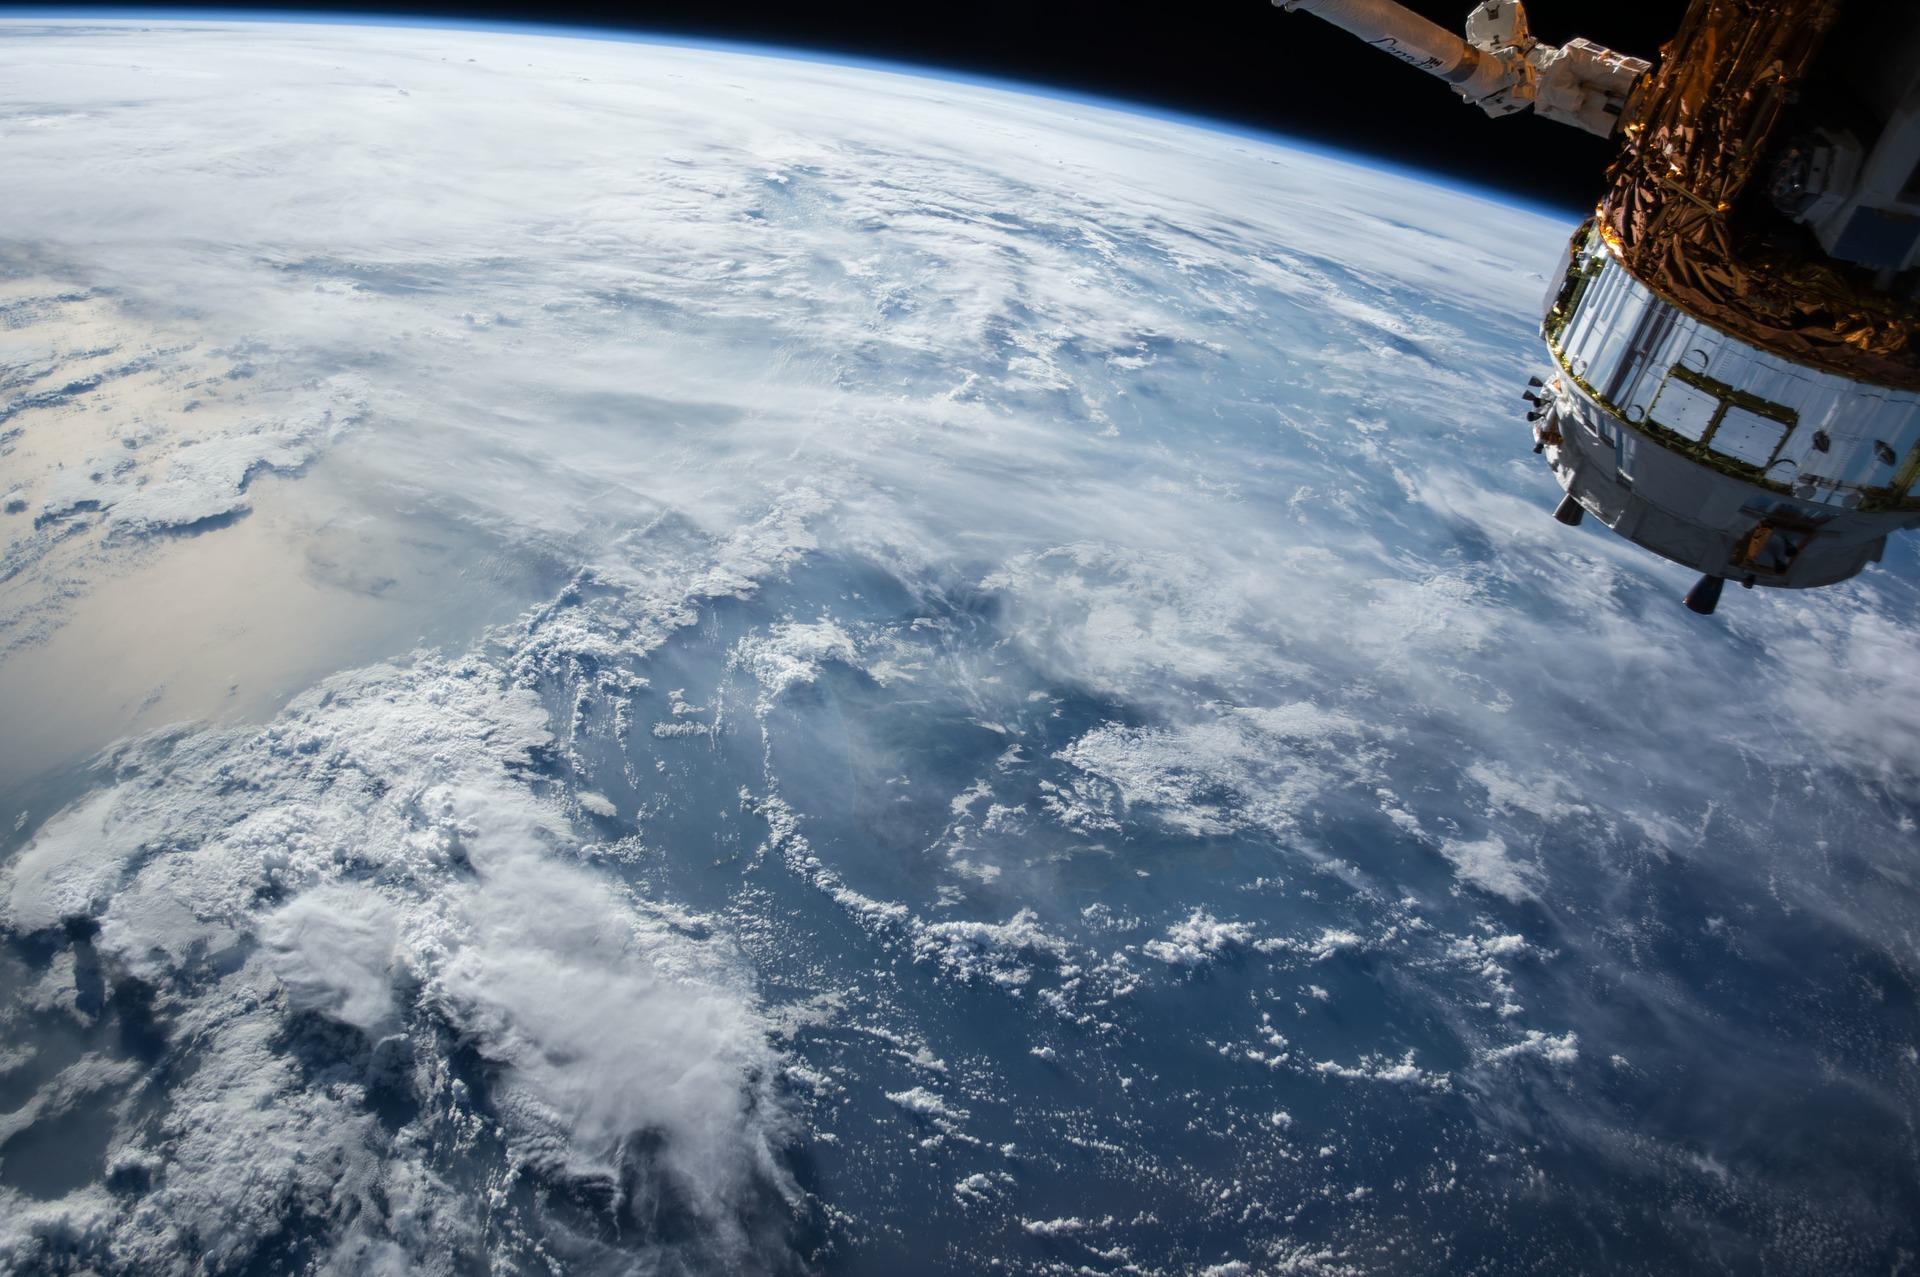 Новая российская орбитальная станция сможет наблюдать за всей Землёй